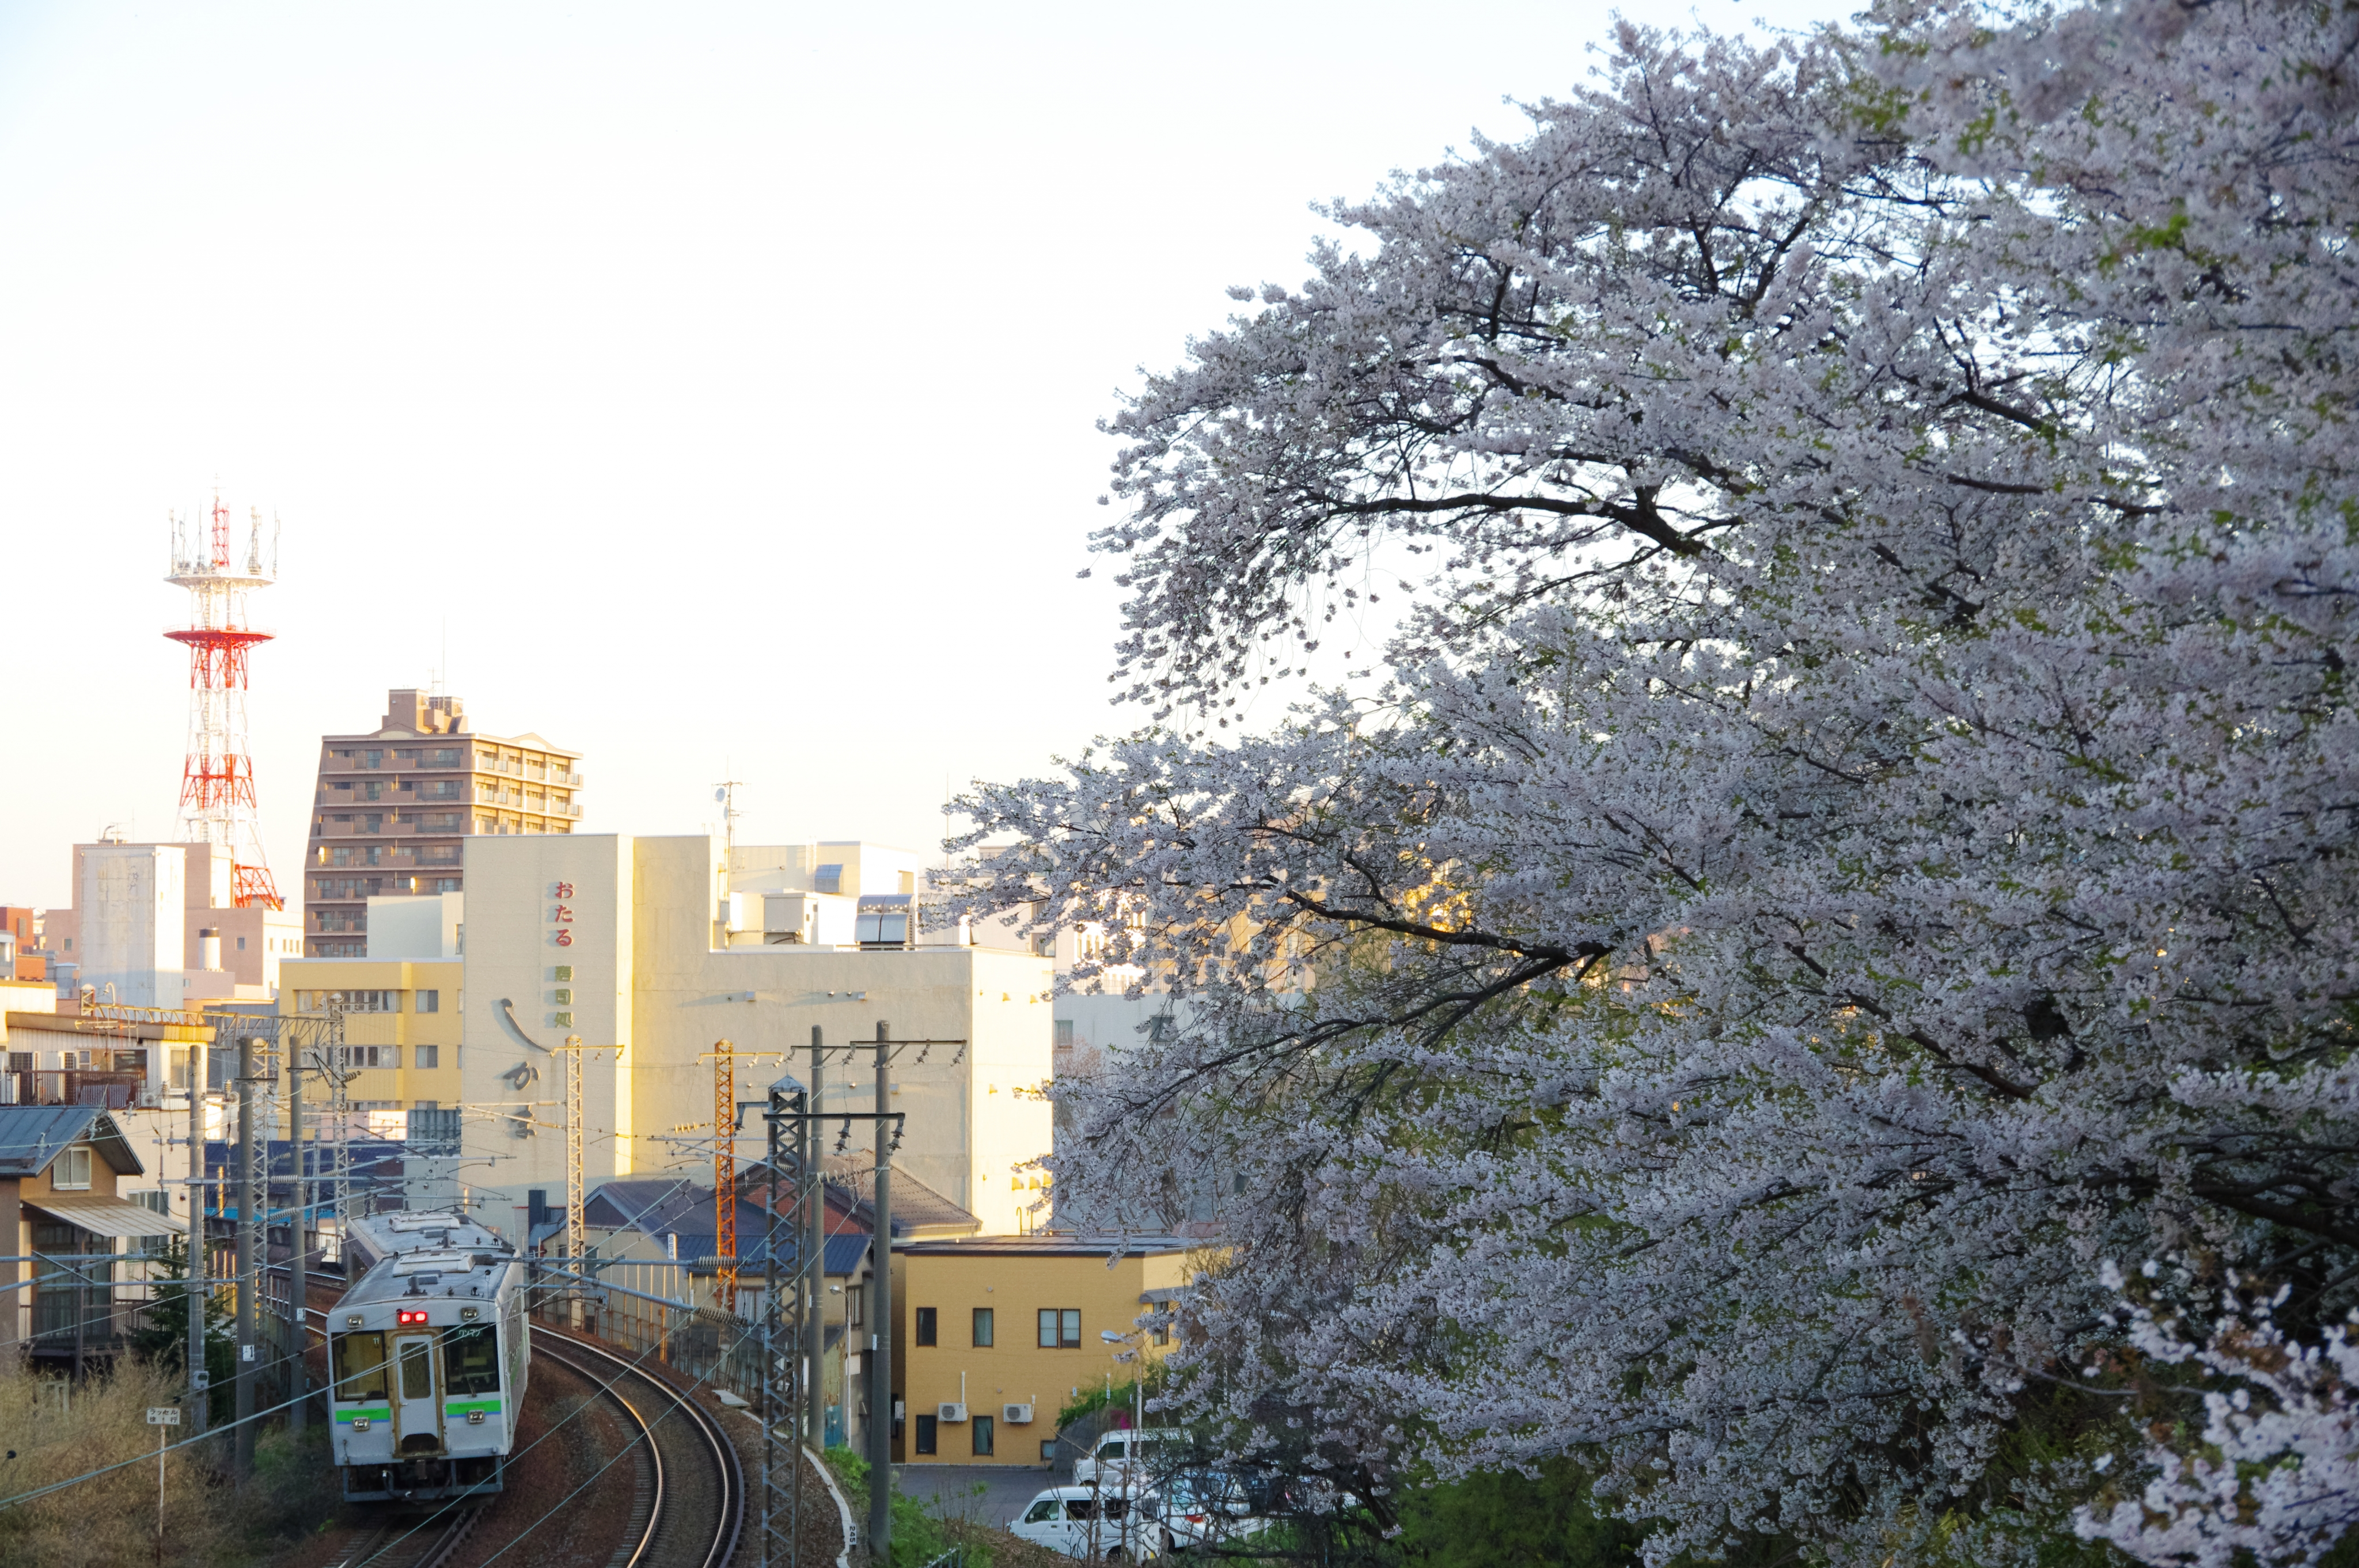 キハ150 回5920D 南小樽−小樽 花園橋_190504.jpg